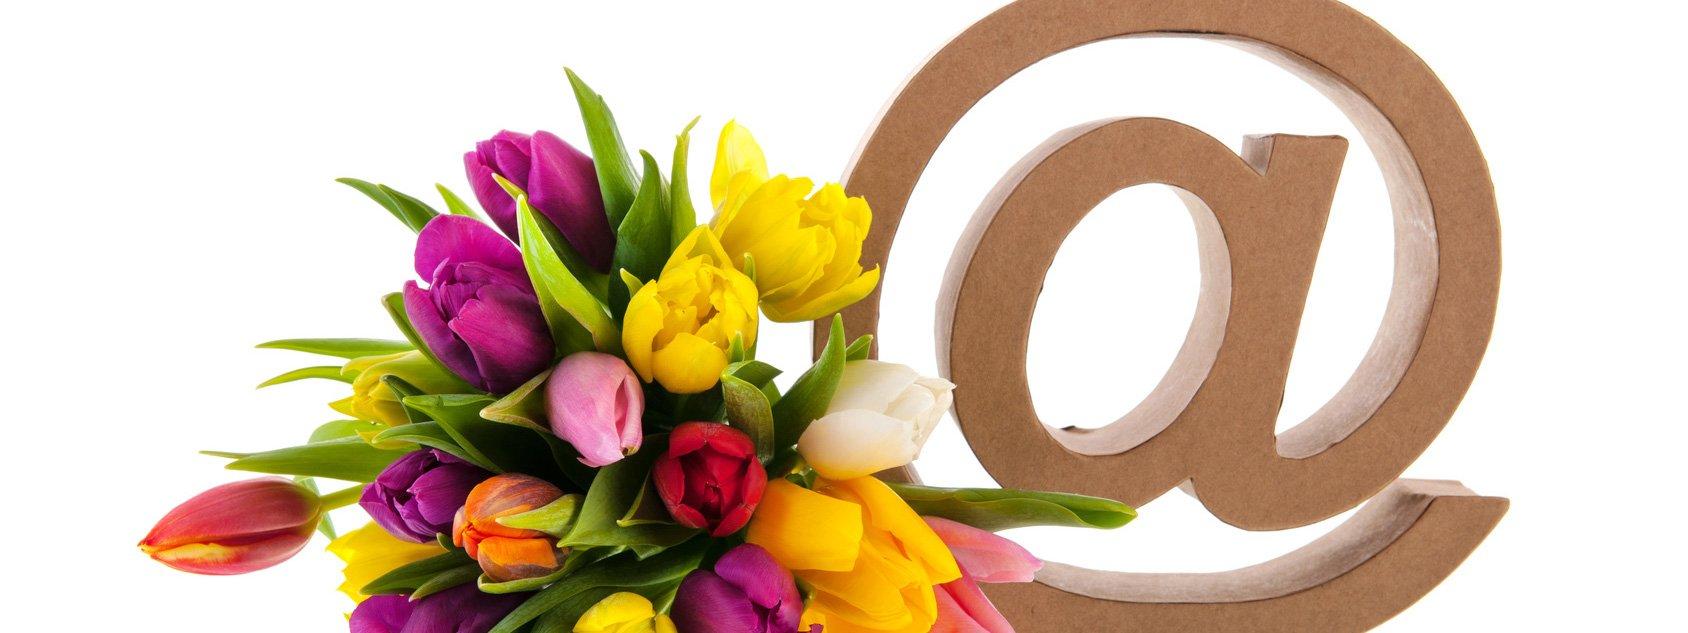 Cataloghi on line: piante e fiori arrivano a casa - Cose ...